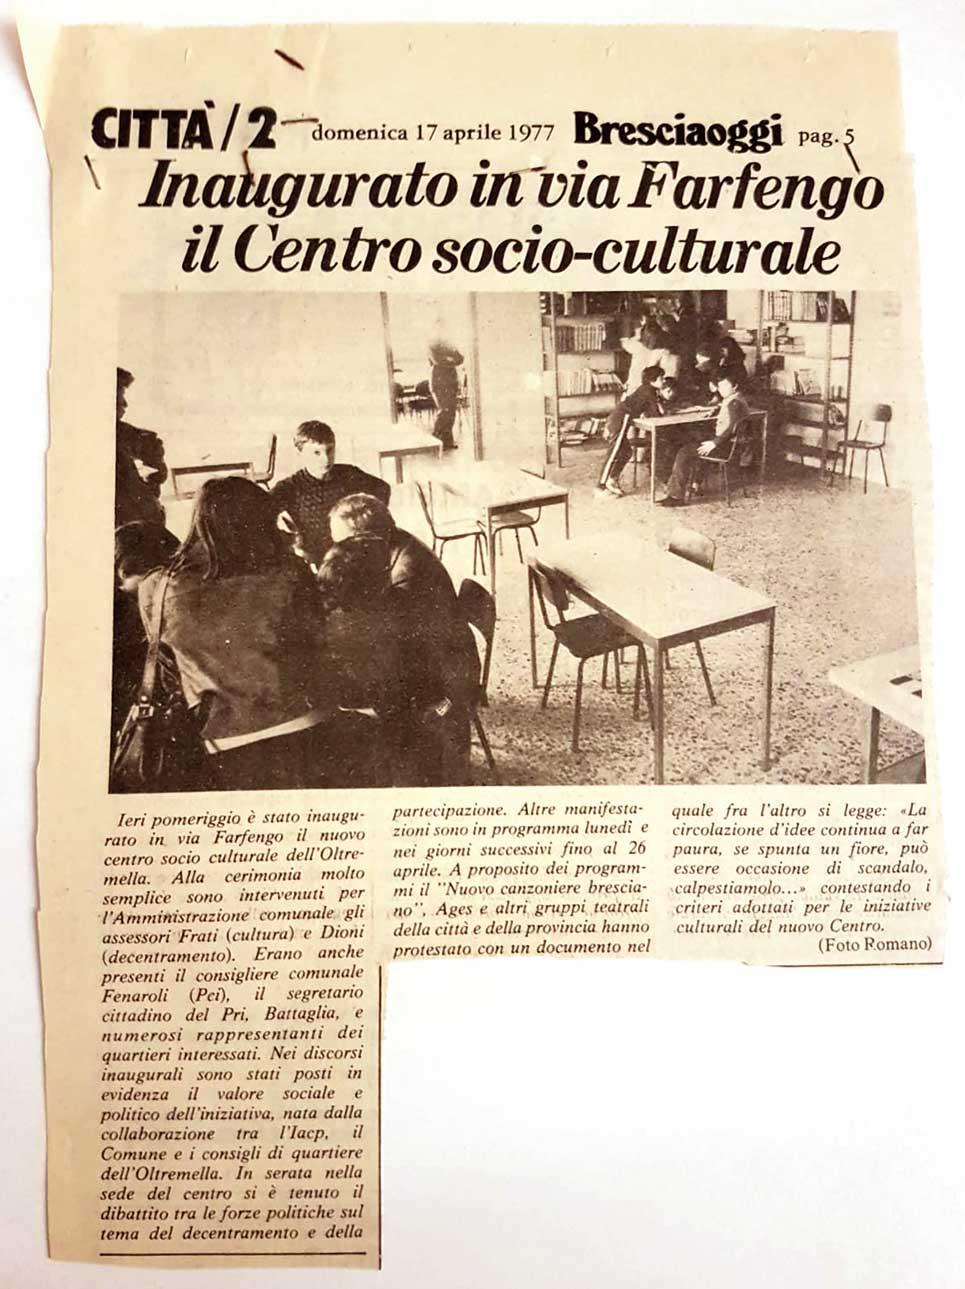 Stralcio di giornale sull'inaugurazione del centro socio-culturale di Via Farfengo